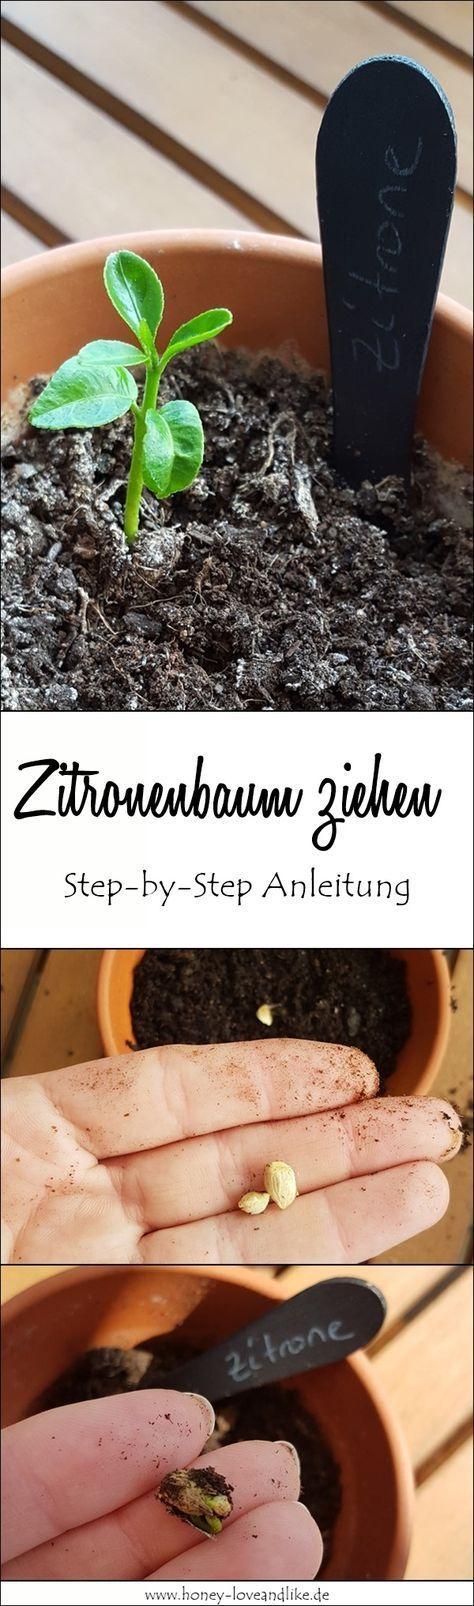 zitronenbaum ziehen so einfach geht das aus einem zitronenkern gardening pinterest. Black Bedroom Furniture Sets. Home Design Ideas